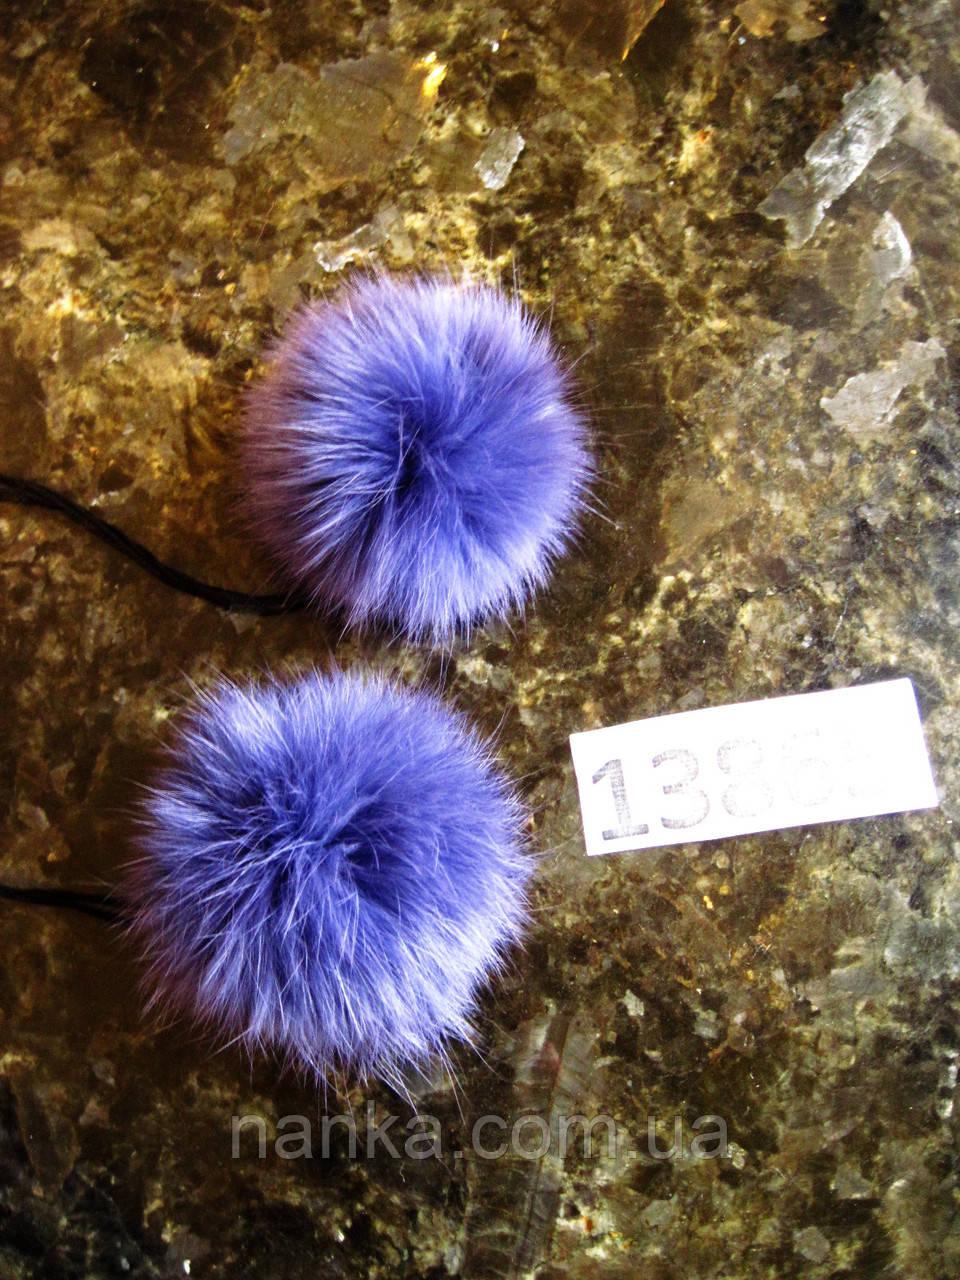 Меховой помпон Кролик, Фиолет, 7 см, пара 13865